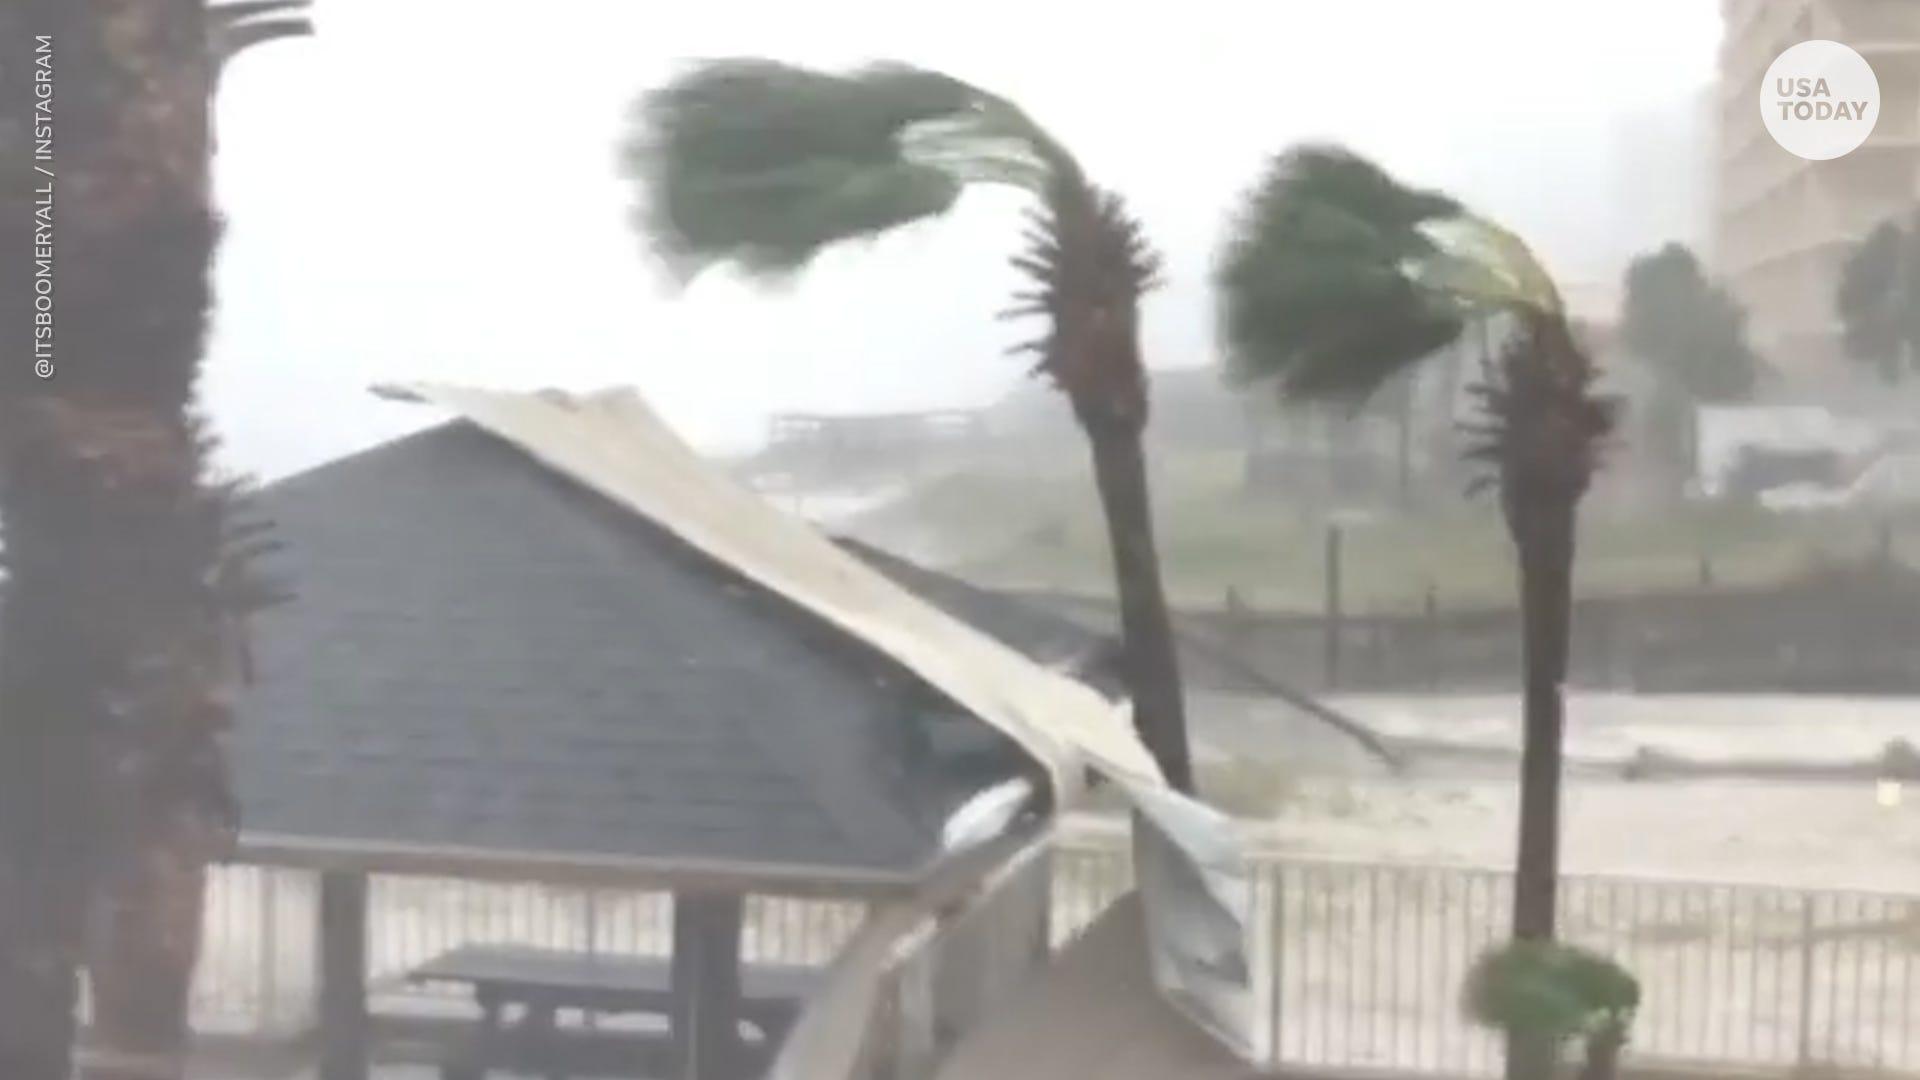 a46cb82ba9ad21 Hurricane Michael  Stronger than Katrina and Andrew at landfall